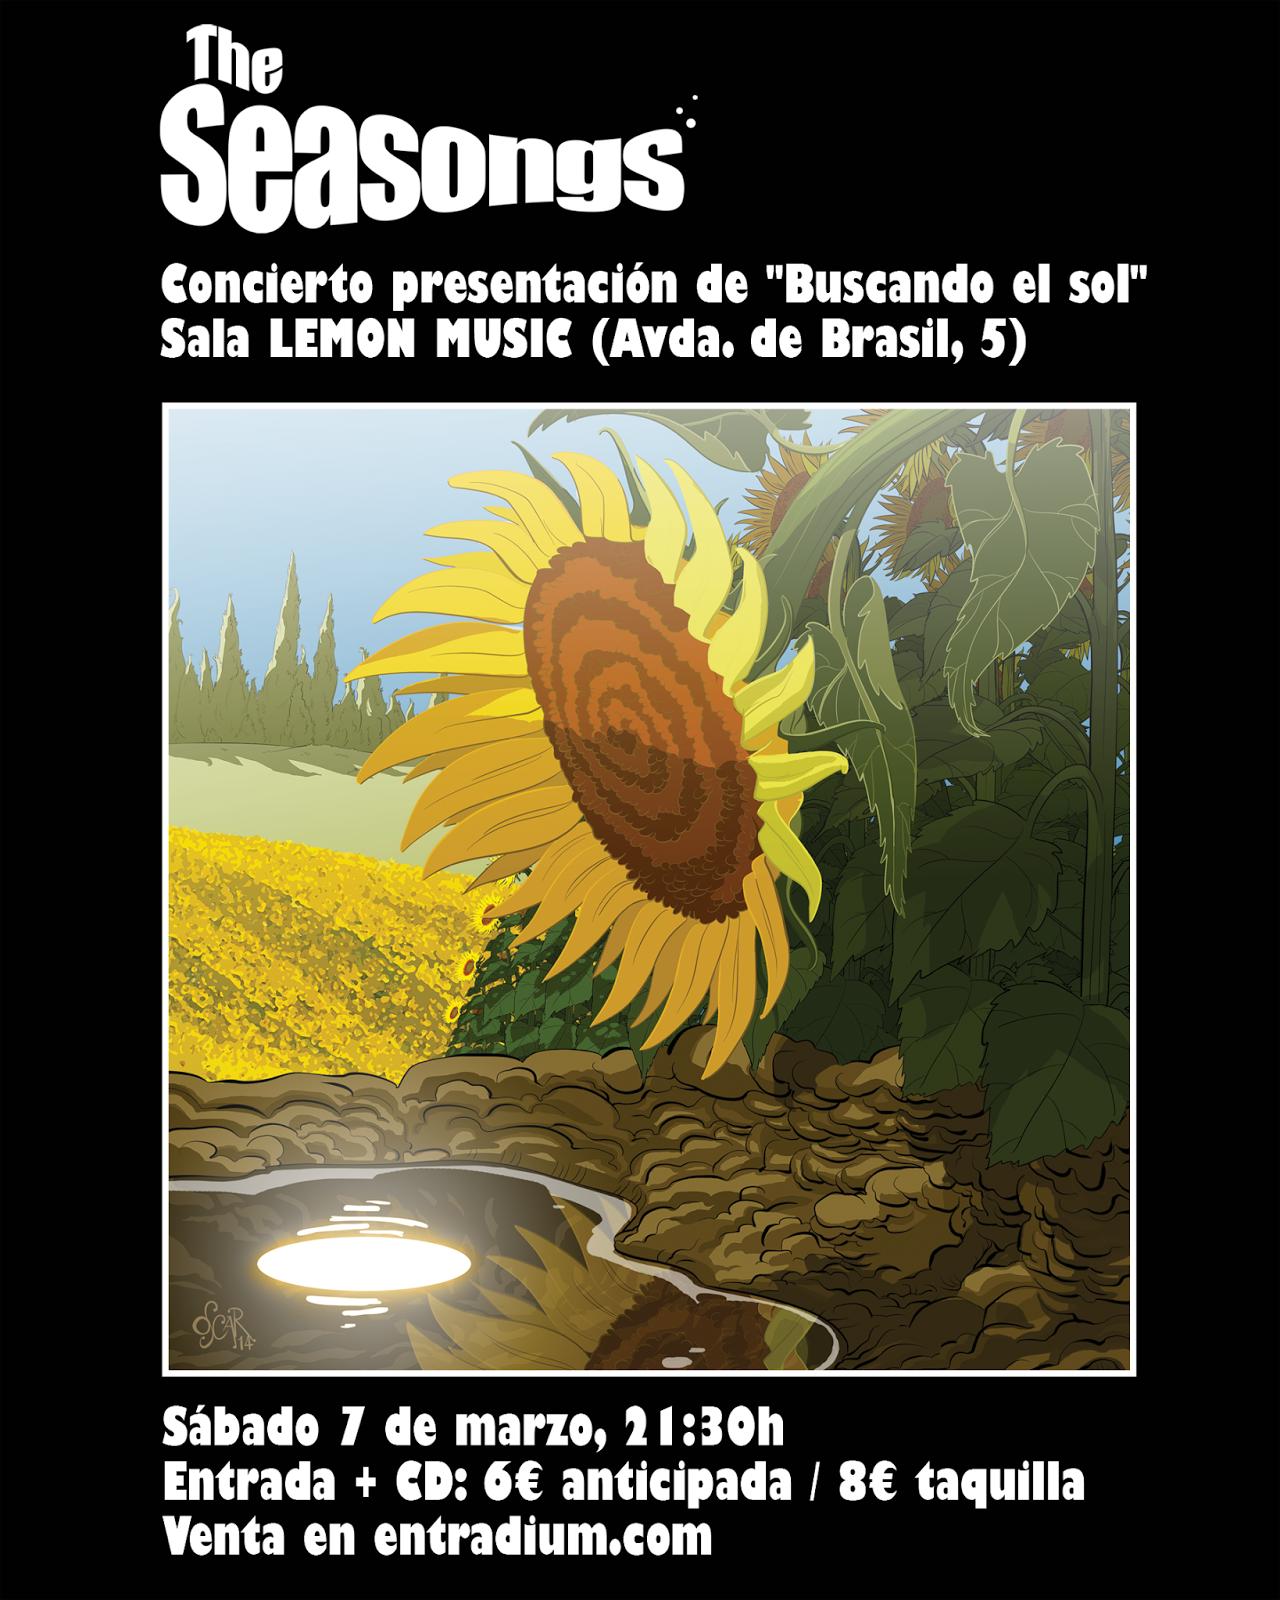 """presentación del  nuevo disco de The Seasongs llamado """"Buscando el sol""""."""